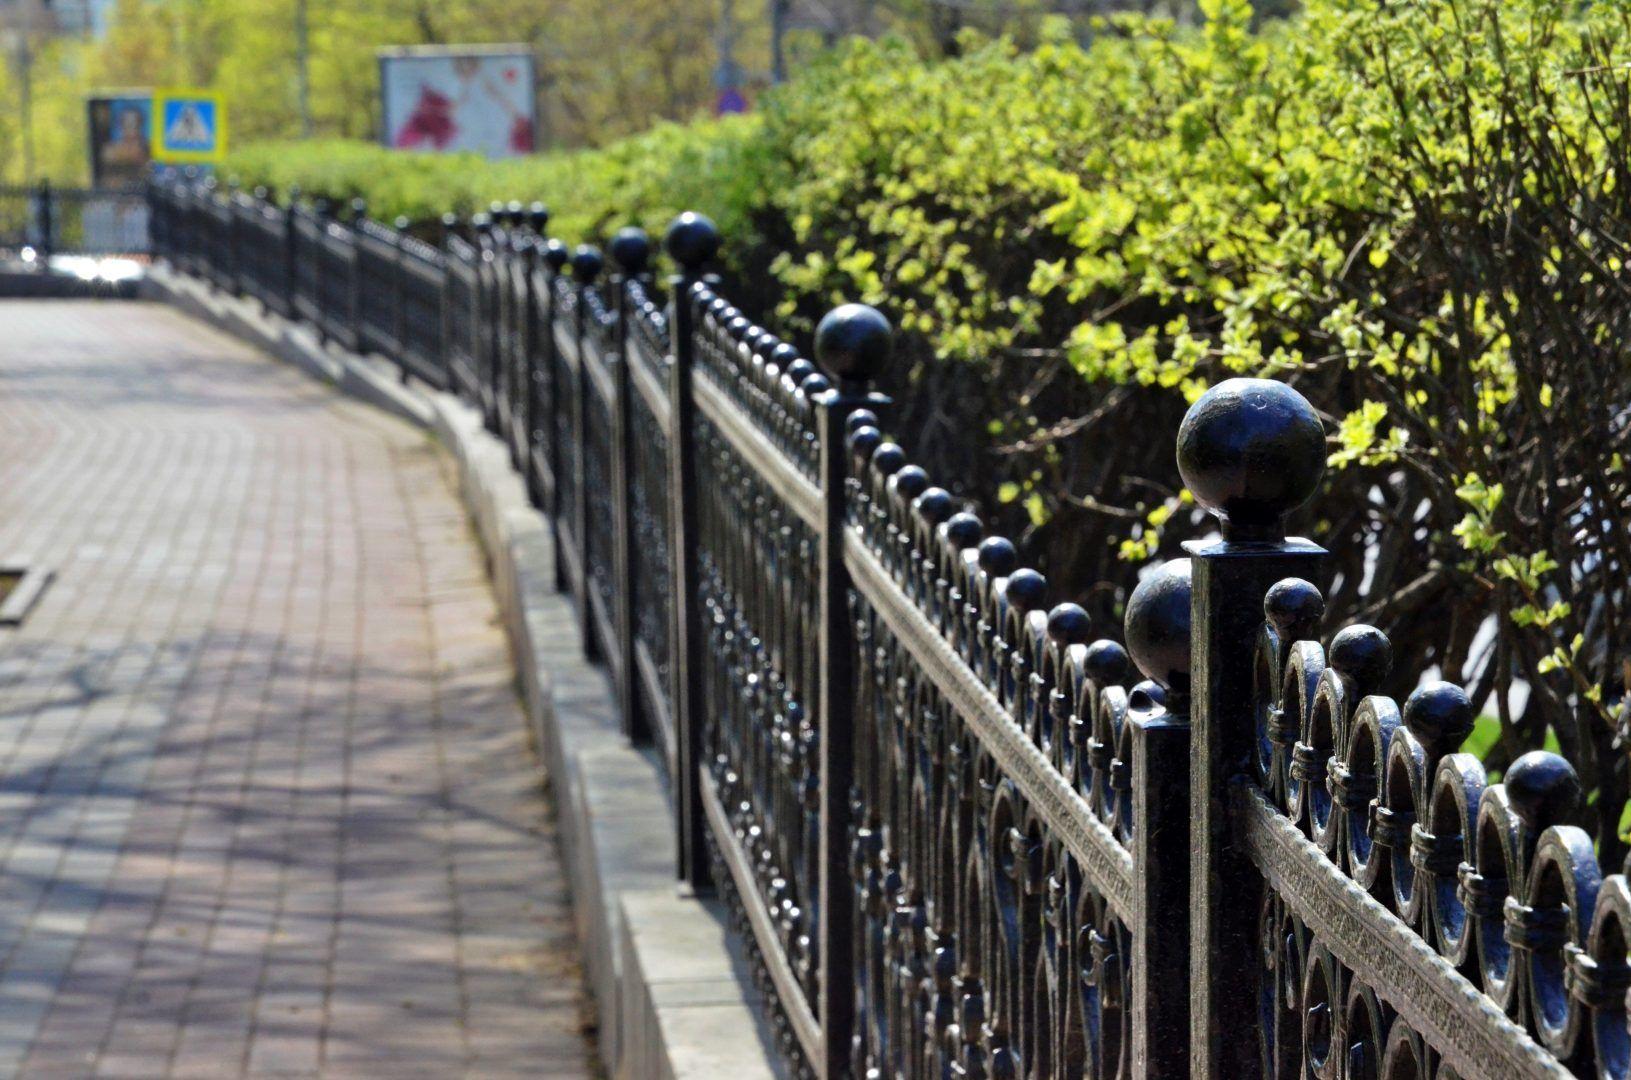 Укладку тротуарной брусчатки завершили в Щаповском. Фото: Анна БыковаУкладку тротуарной брусчатки завершили в Щаповском. Фото: Анна Быкова